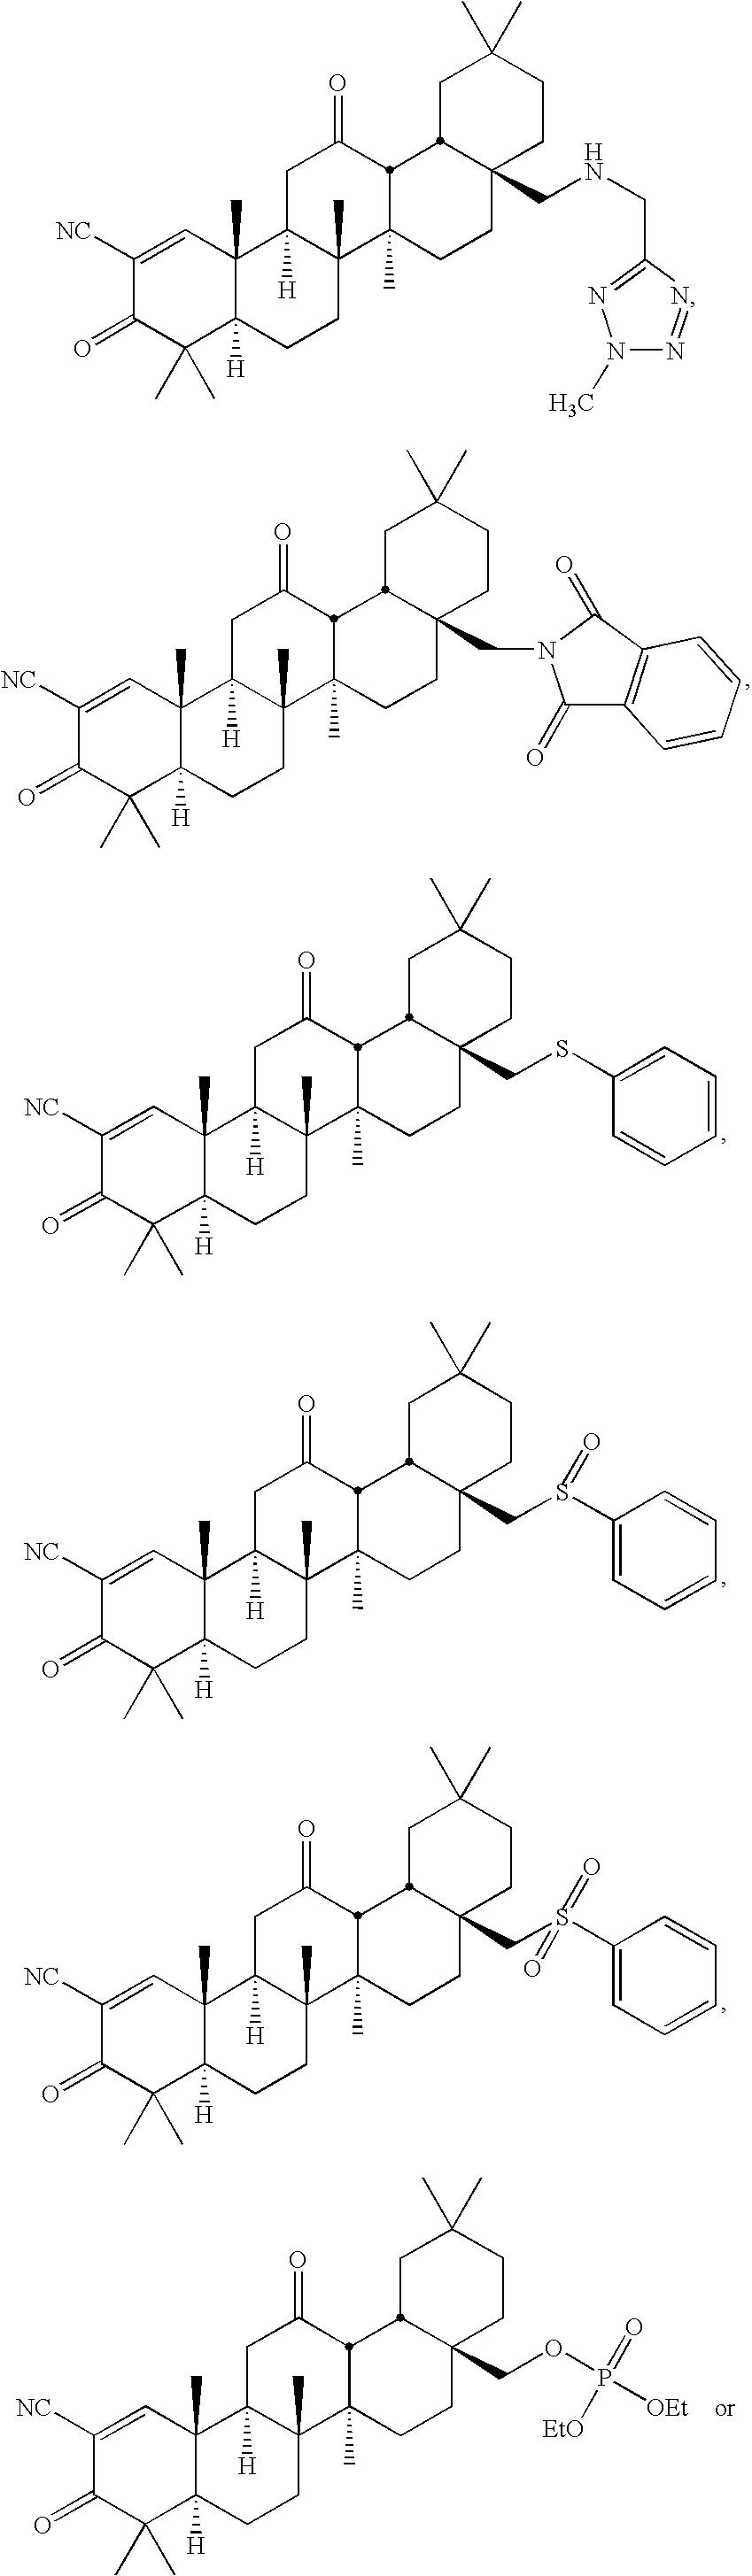 Figure US20100041904A1-20100218-C00109